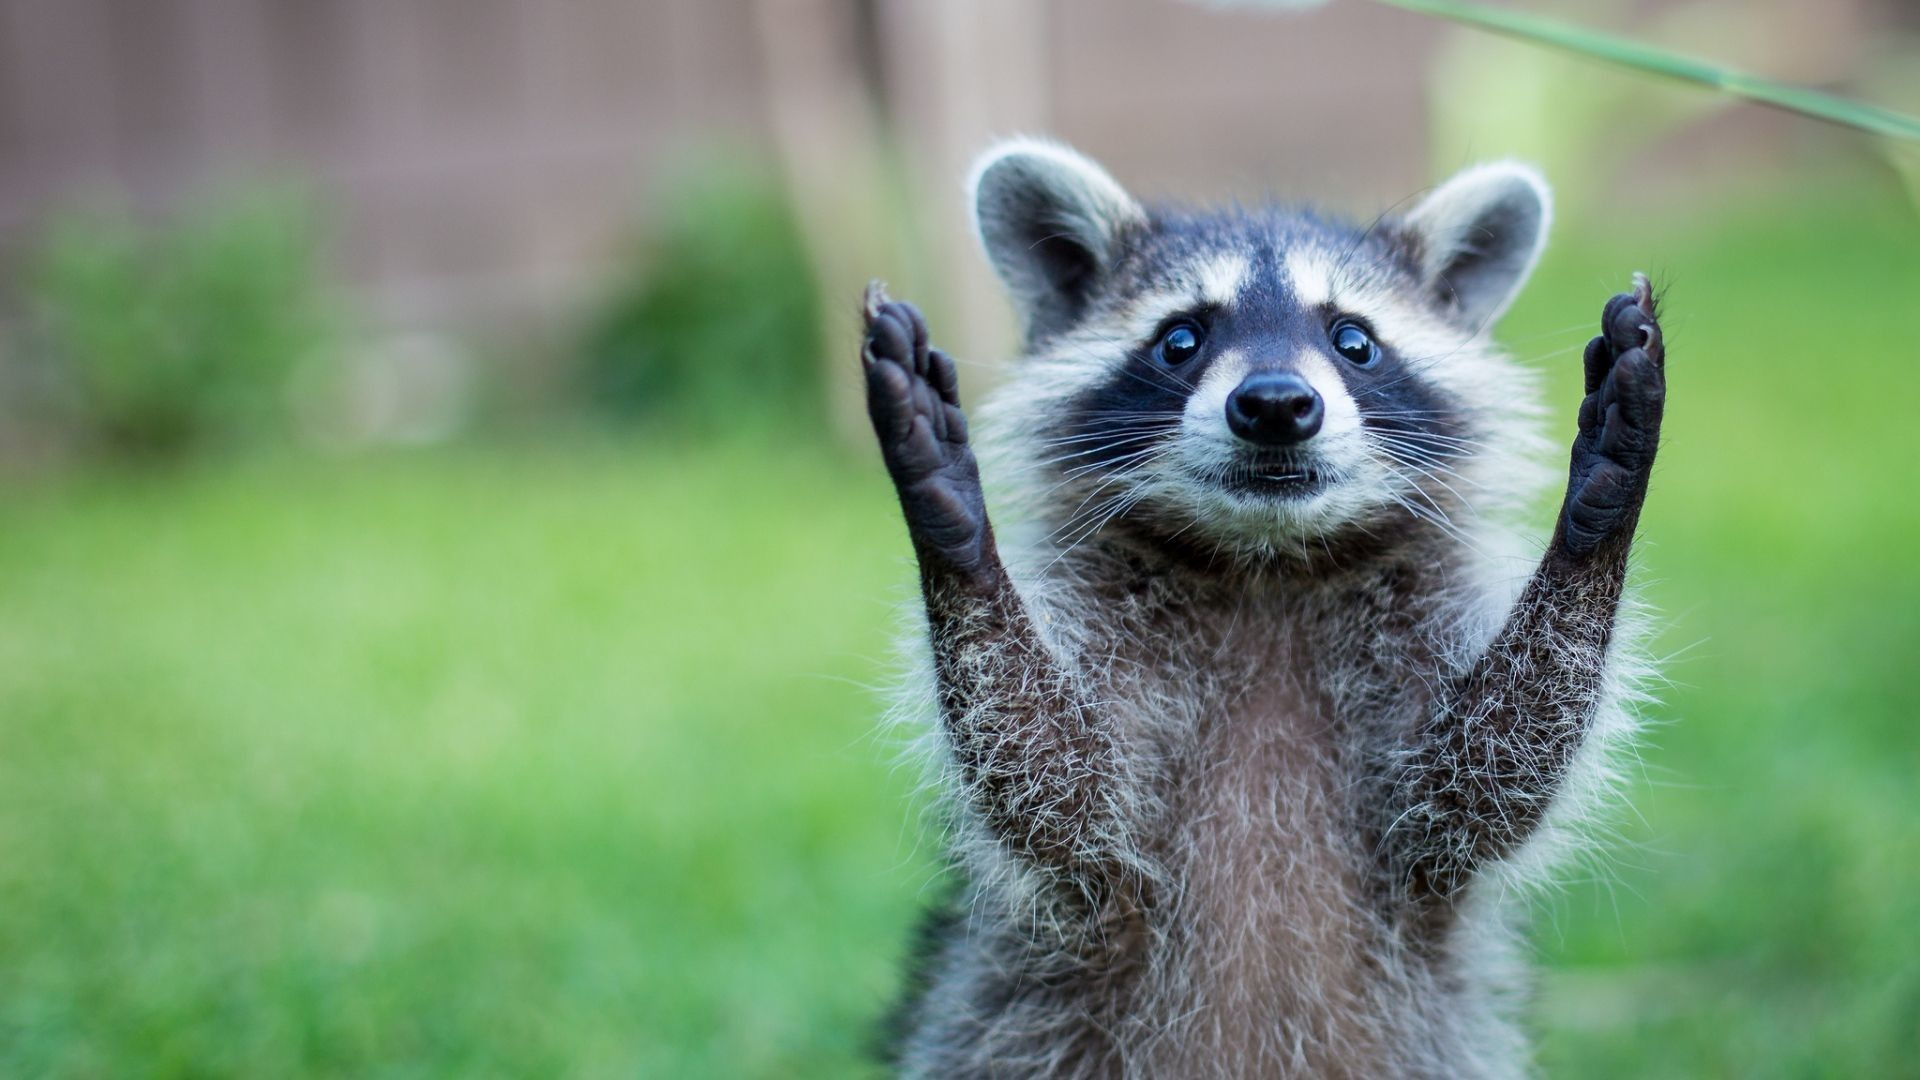 Animal Desktop Wallpapers Top Free Animal Desktop